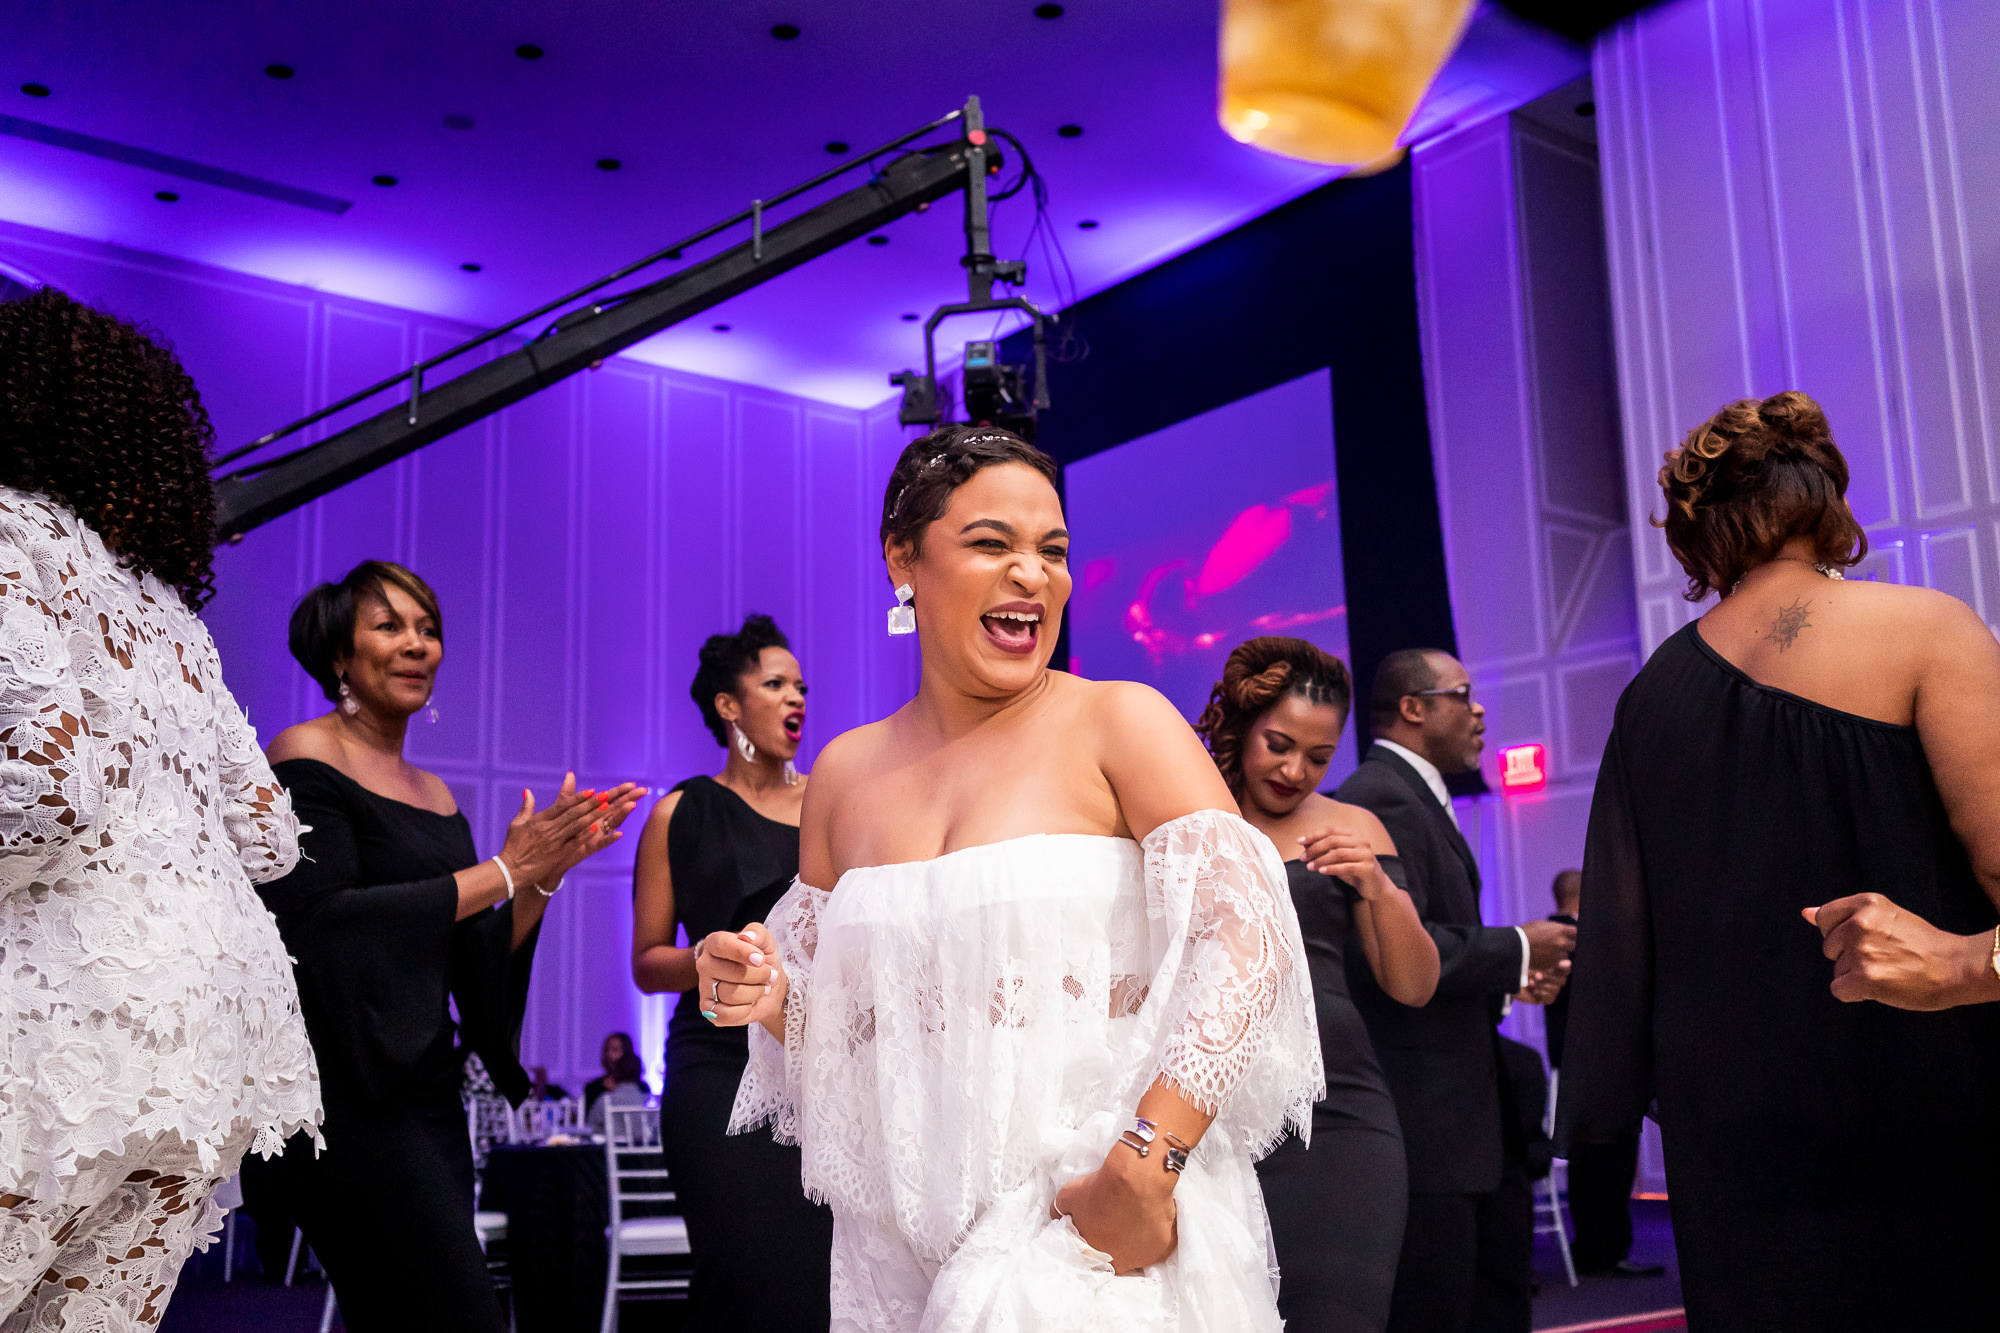 068-068-christopher-jason-studios-university-of-maryland-wedding-raheem-Devaughn-african-american-bride-and-groom.jpg